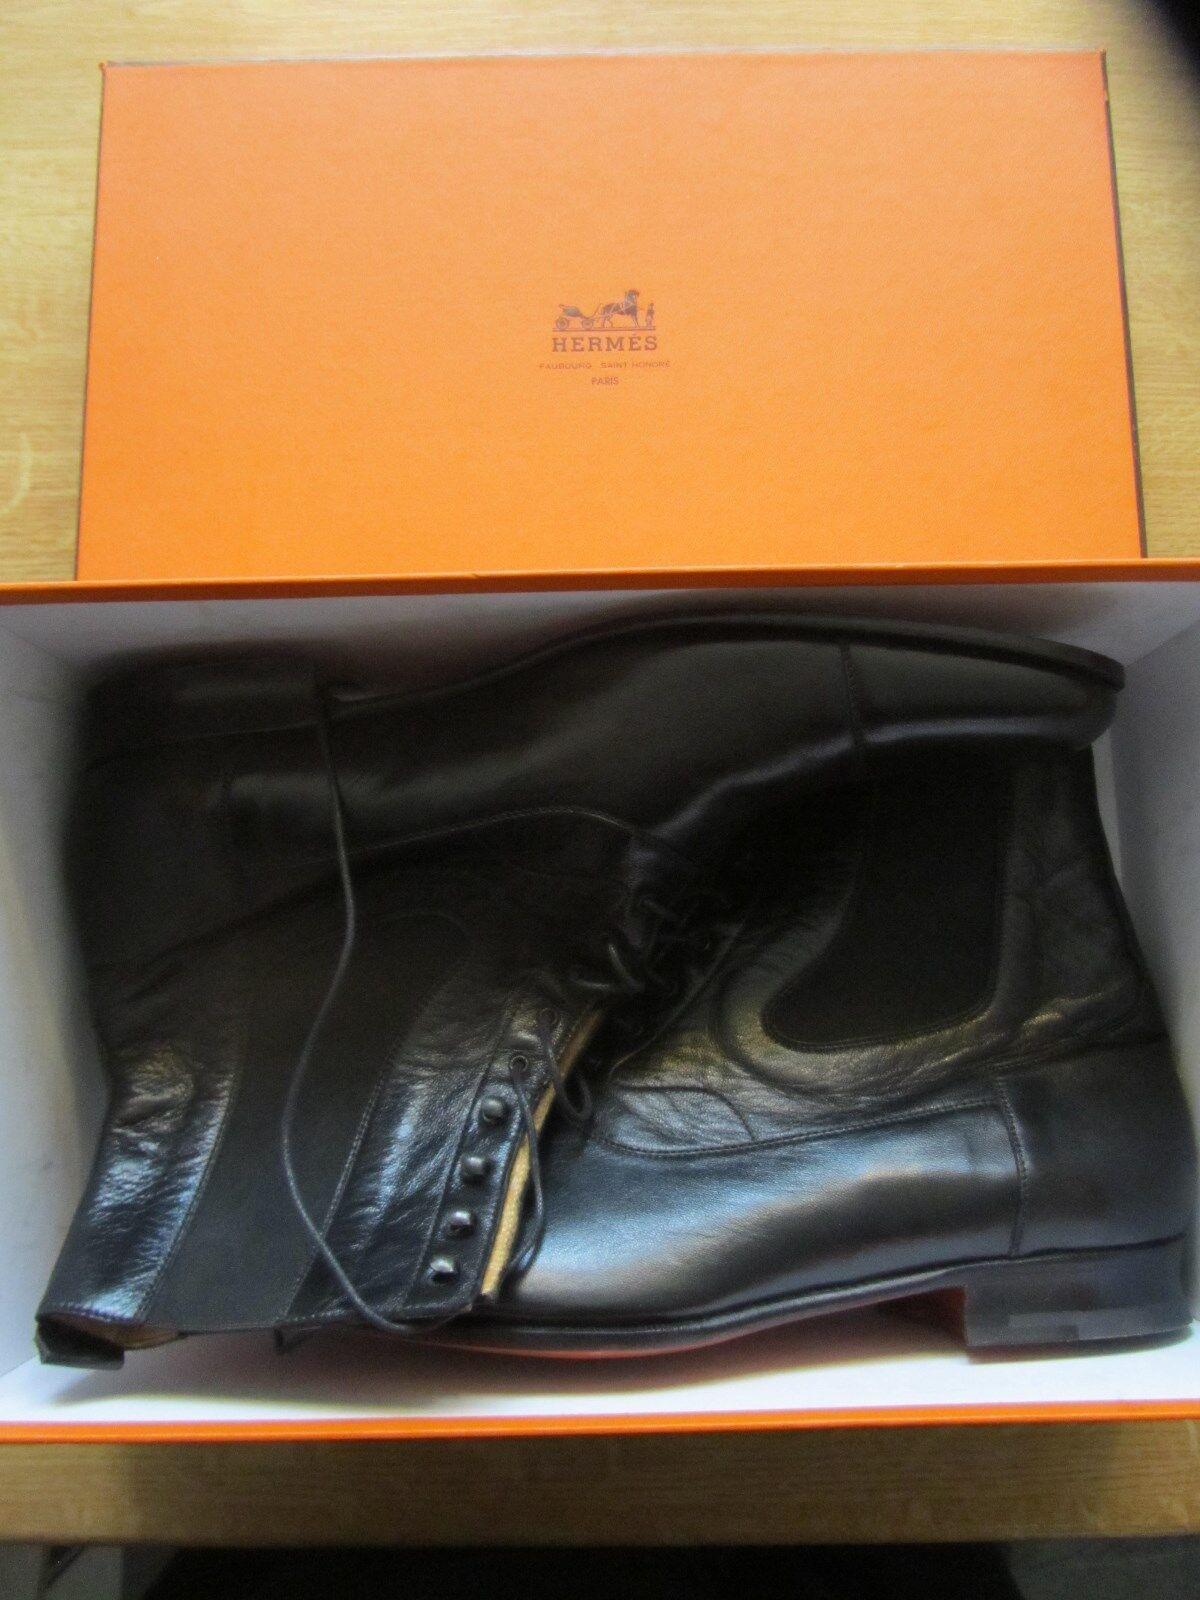 Hermes Paris señores botas, semelle cuir, tamaño 45. nuevo con caja de cartón.